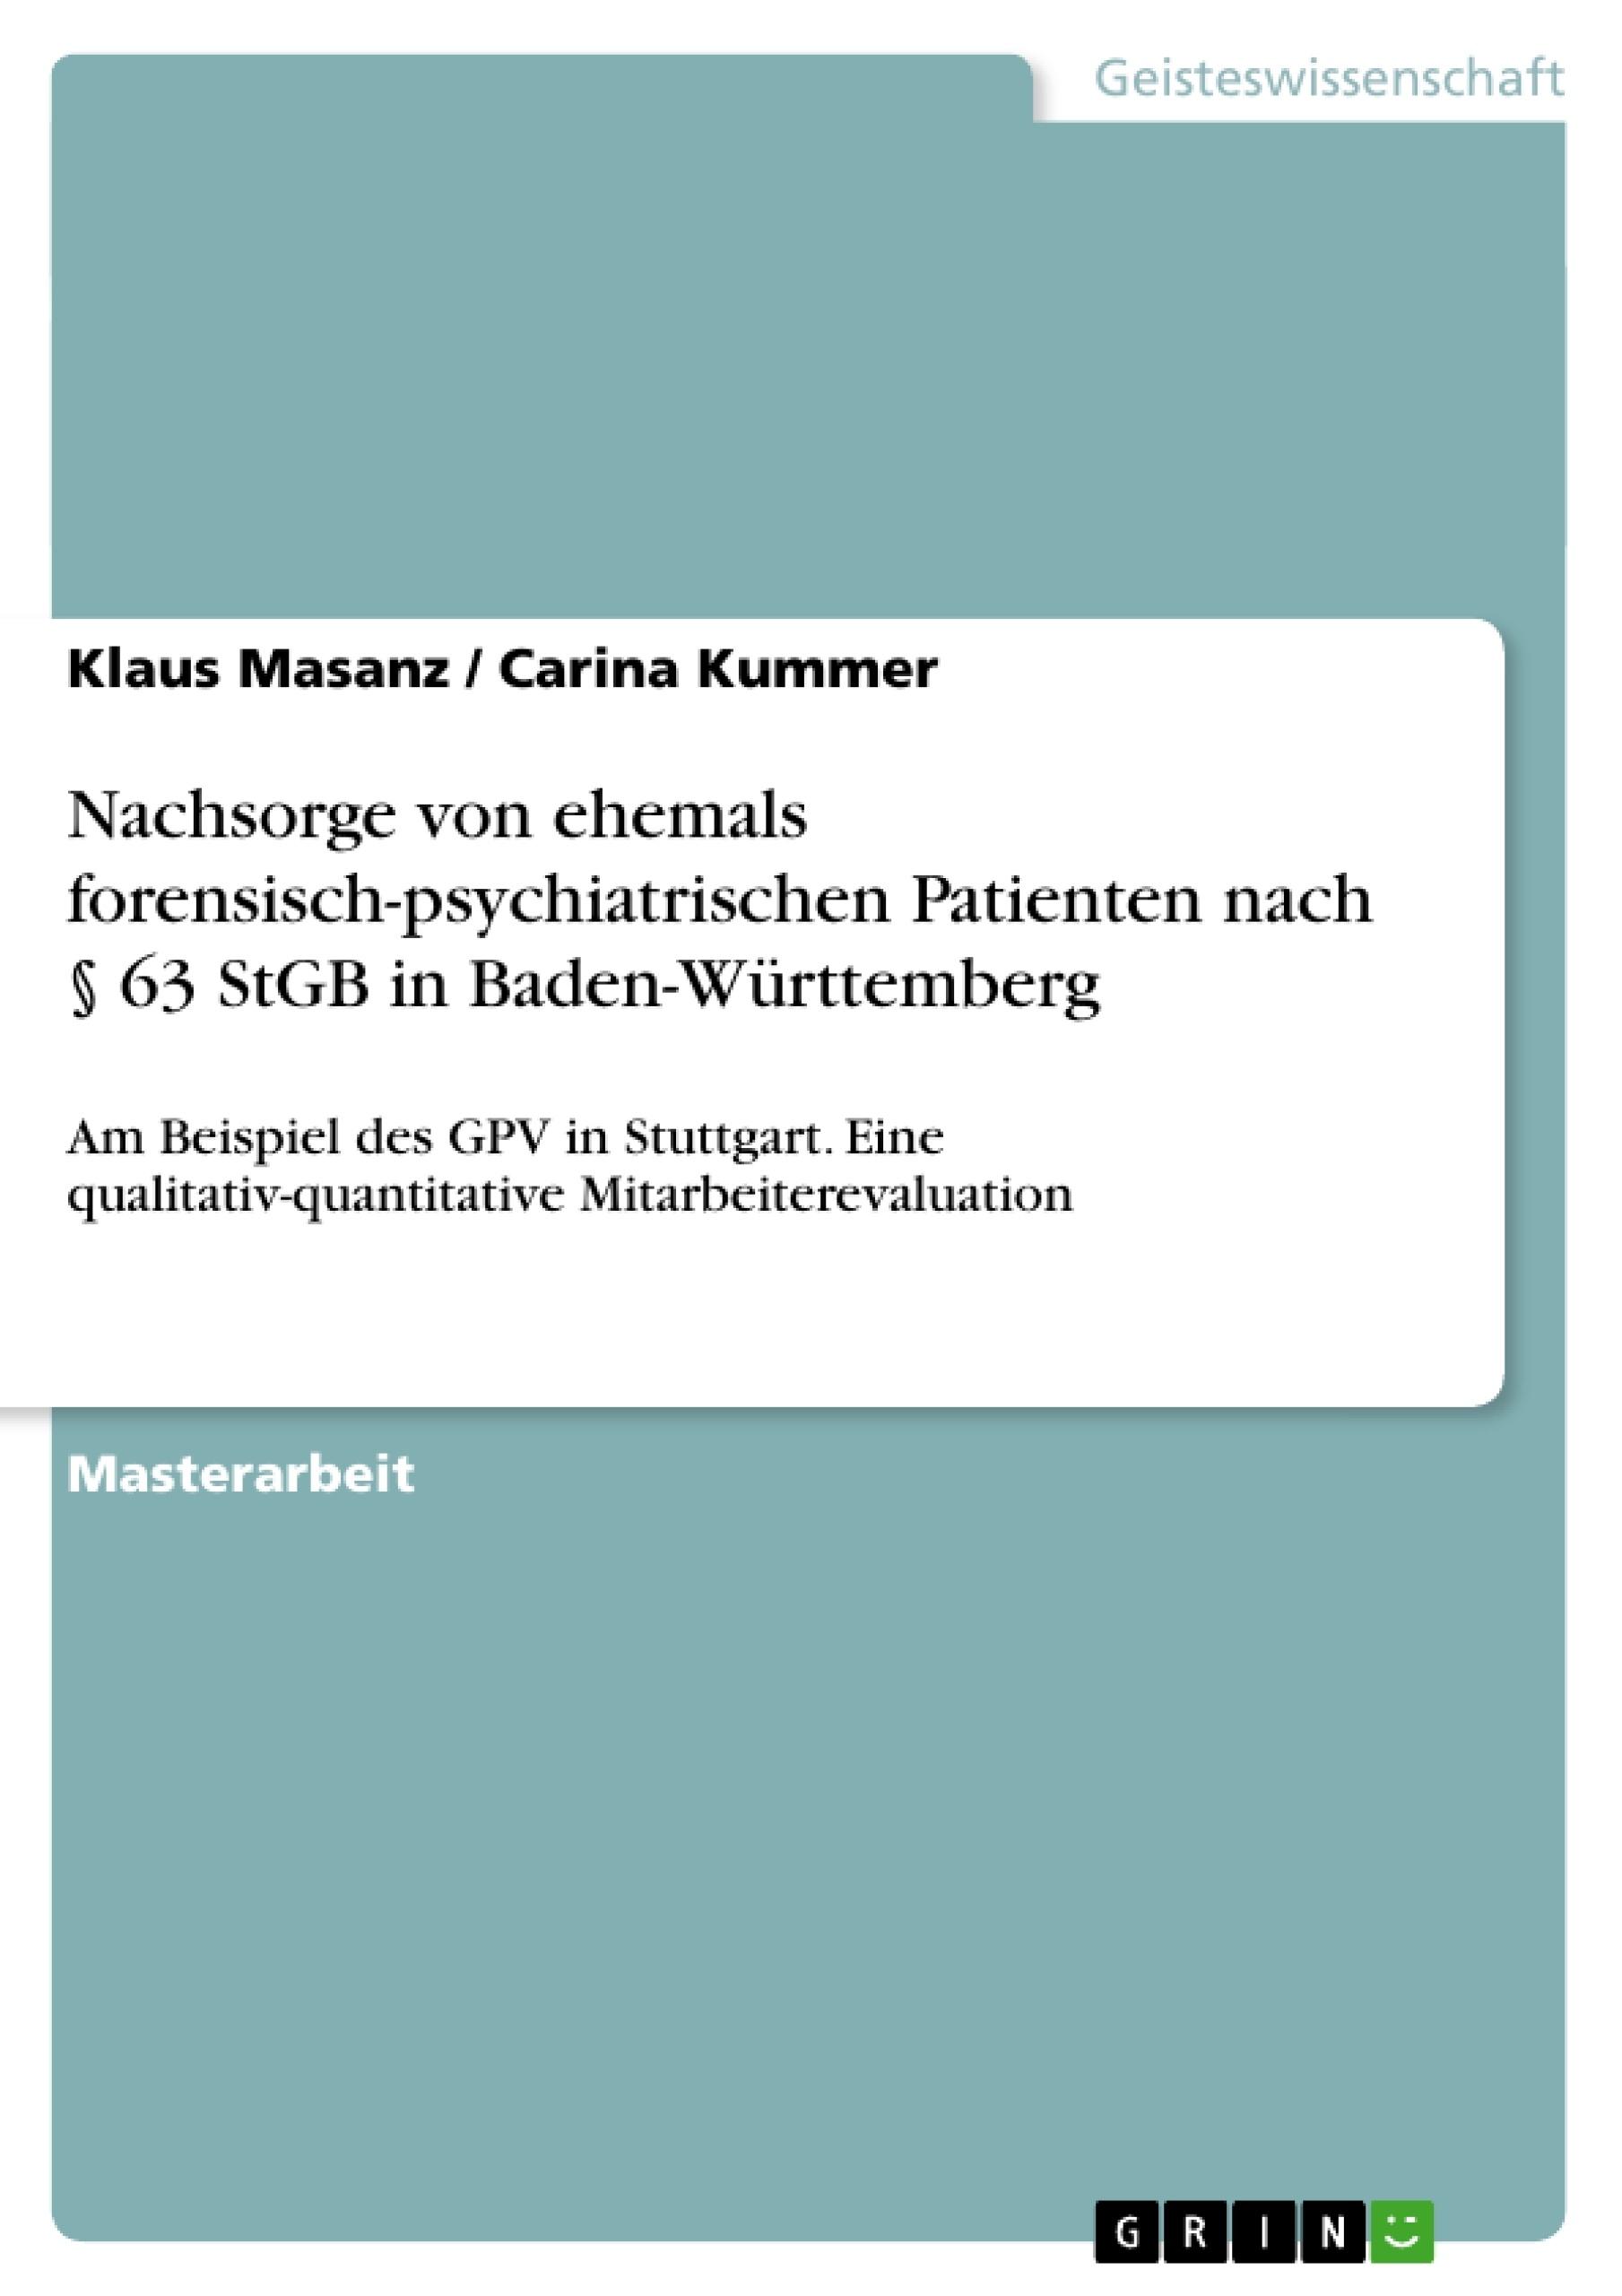 Titel: Nachsorge von ehemals forensisch-psychiatrischen Patienten nach § 63 StGB in Baden-Württemberg